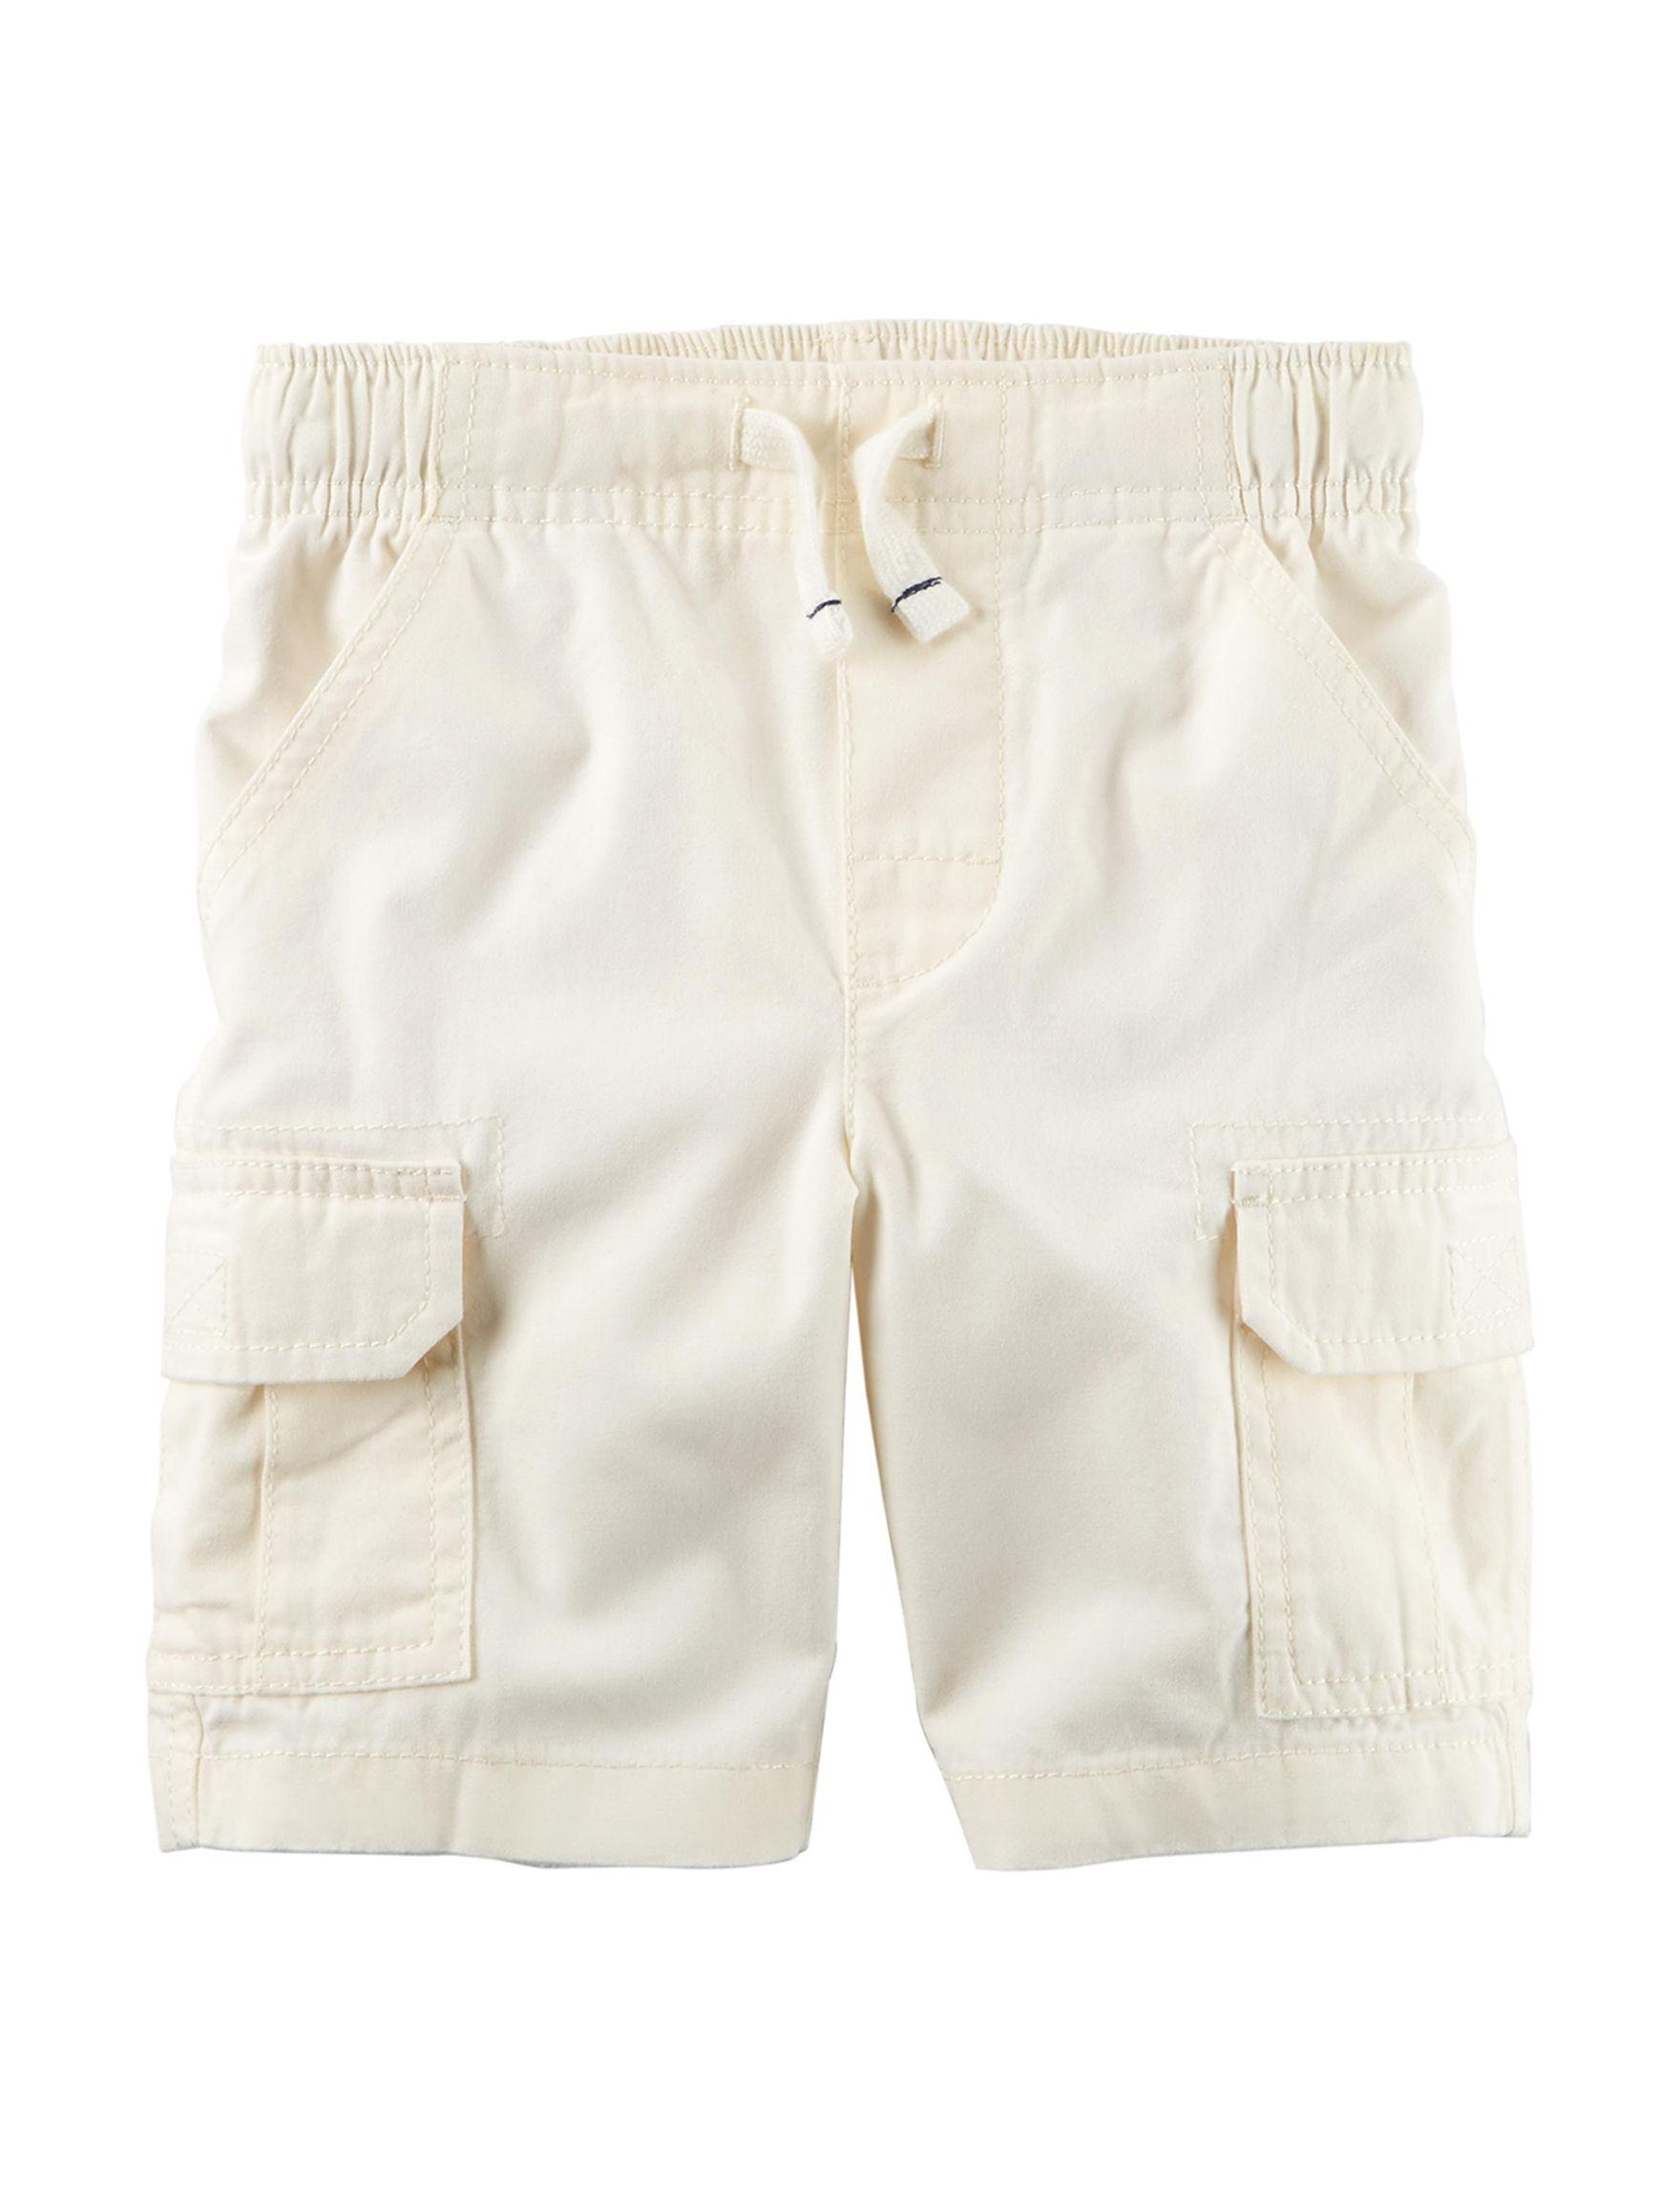 Carter's White